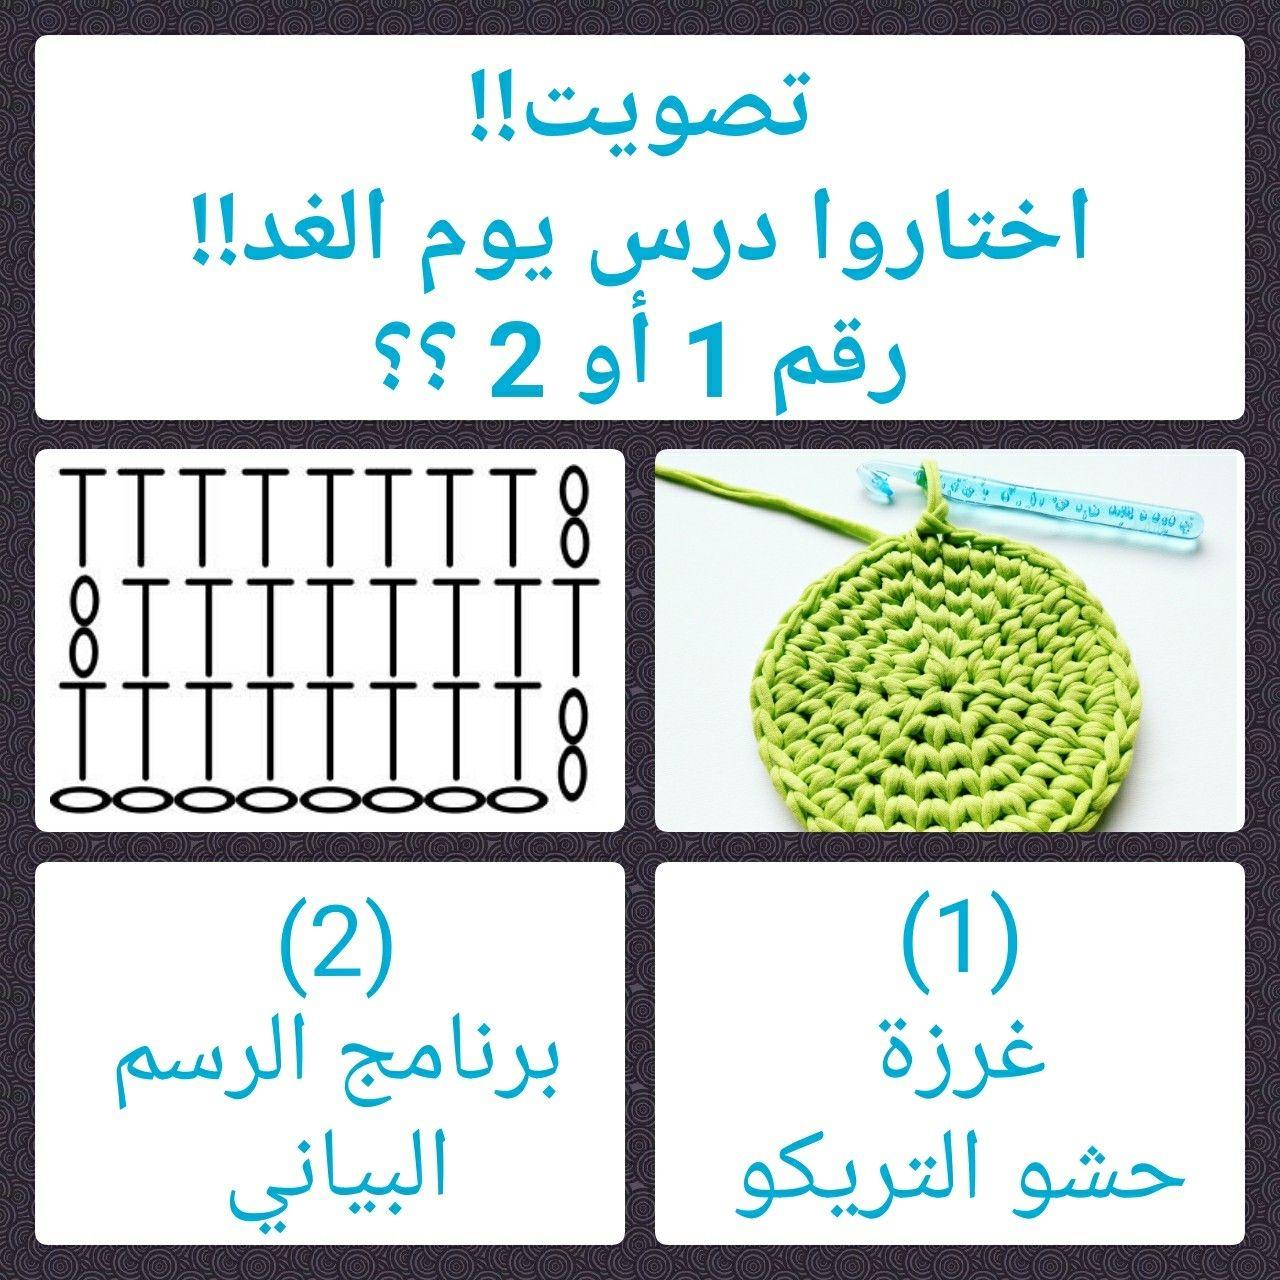 صباح الخير غدا درس جديد اختاروا الدرس الذي تريدون نشره يوم الغد 1 غرزة حشو التريكو 2 شرح برنامج الرسم البياني تشارت Raamcro Crochet Knitting